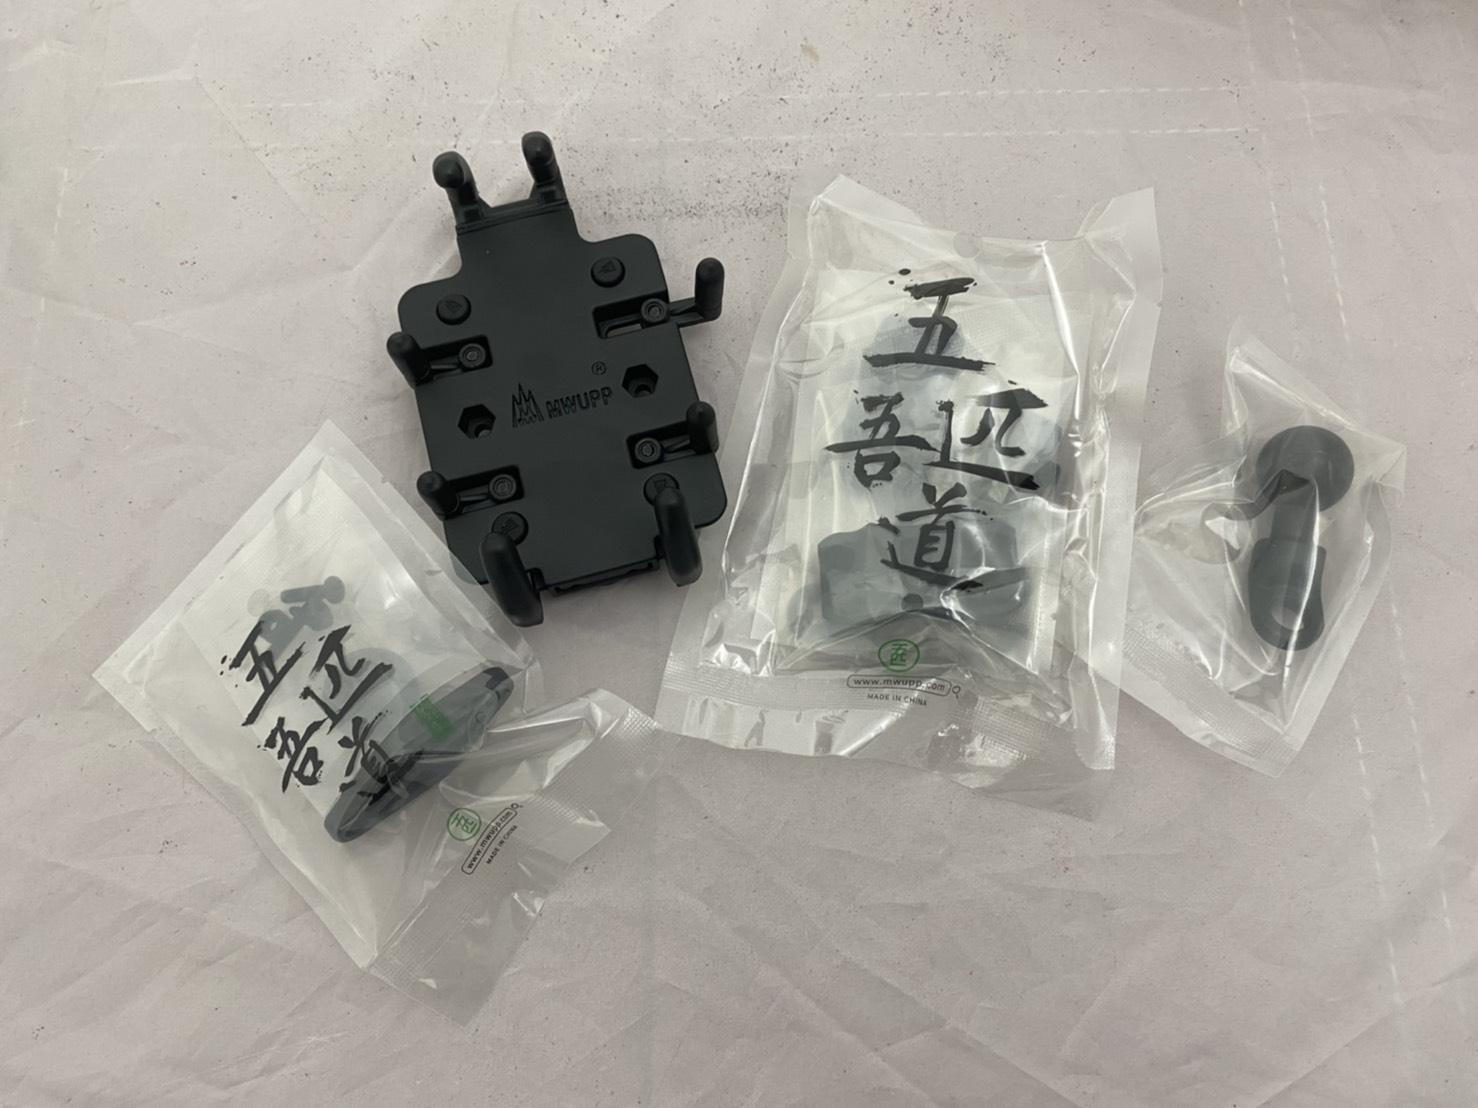 五匹 MWUPP 章魚手機架